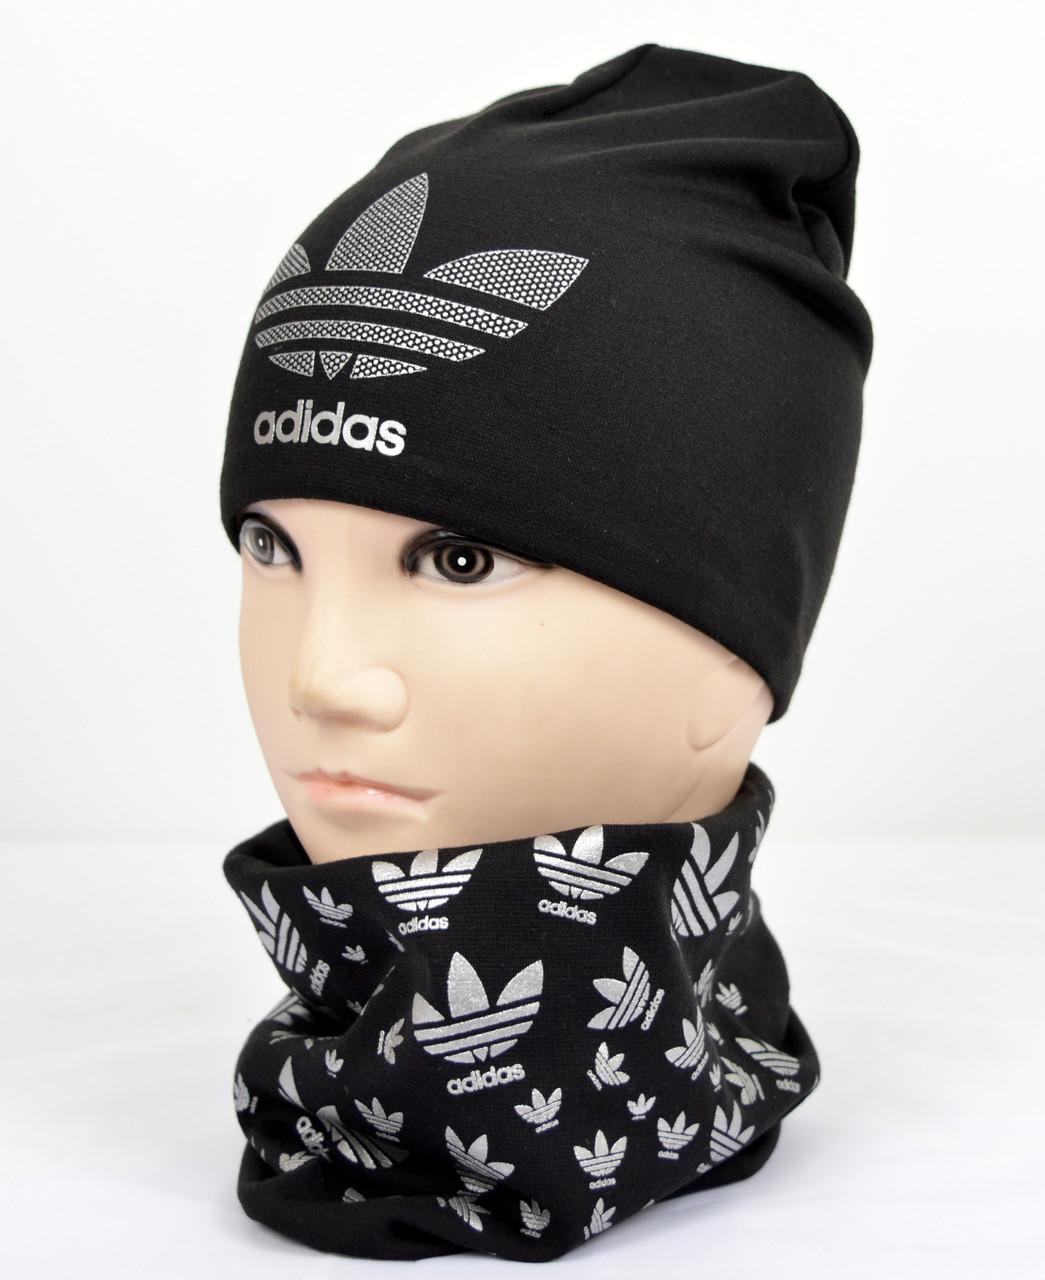 Трикотажный комплект Adidas (шапка+хомут) черный+серебро, фото 1